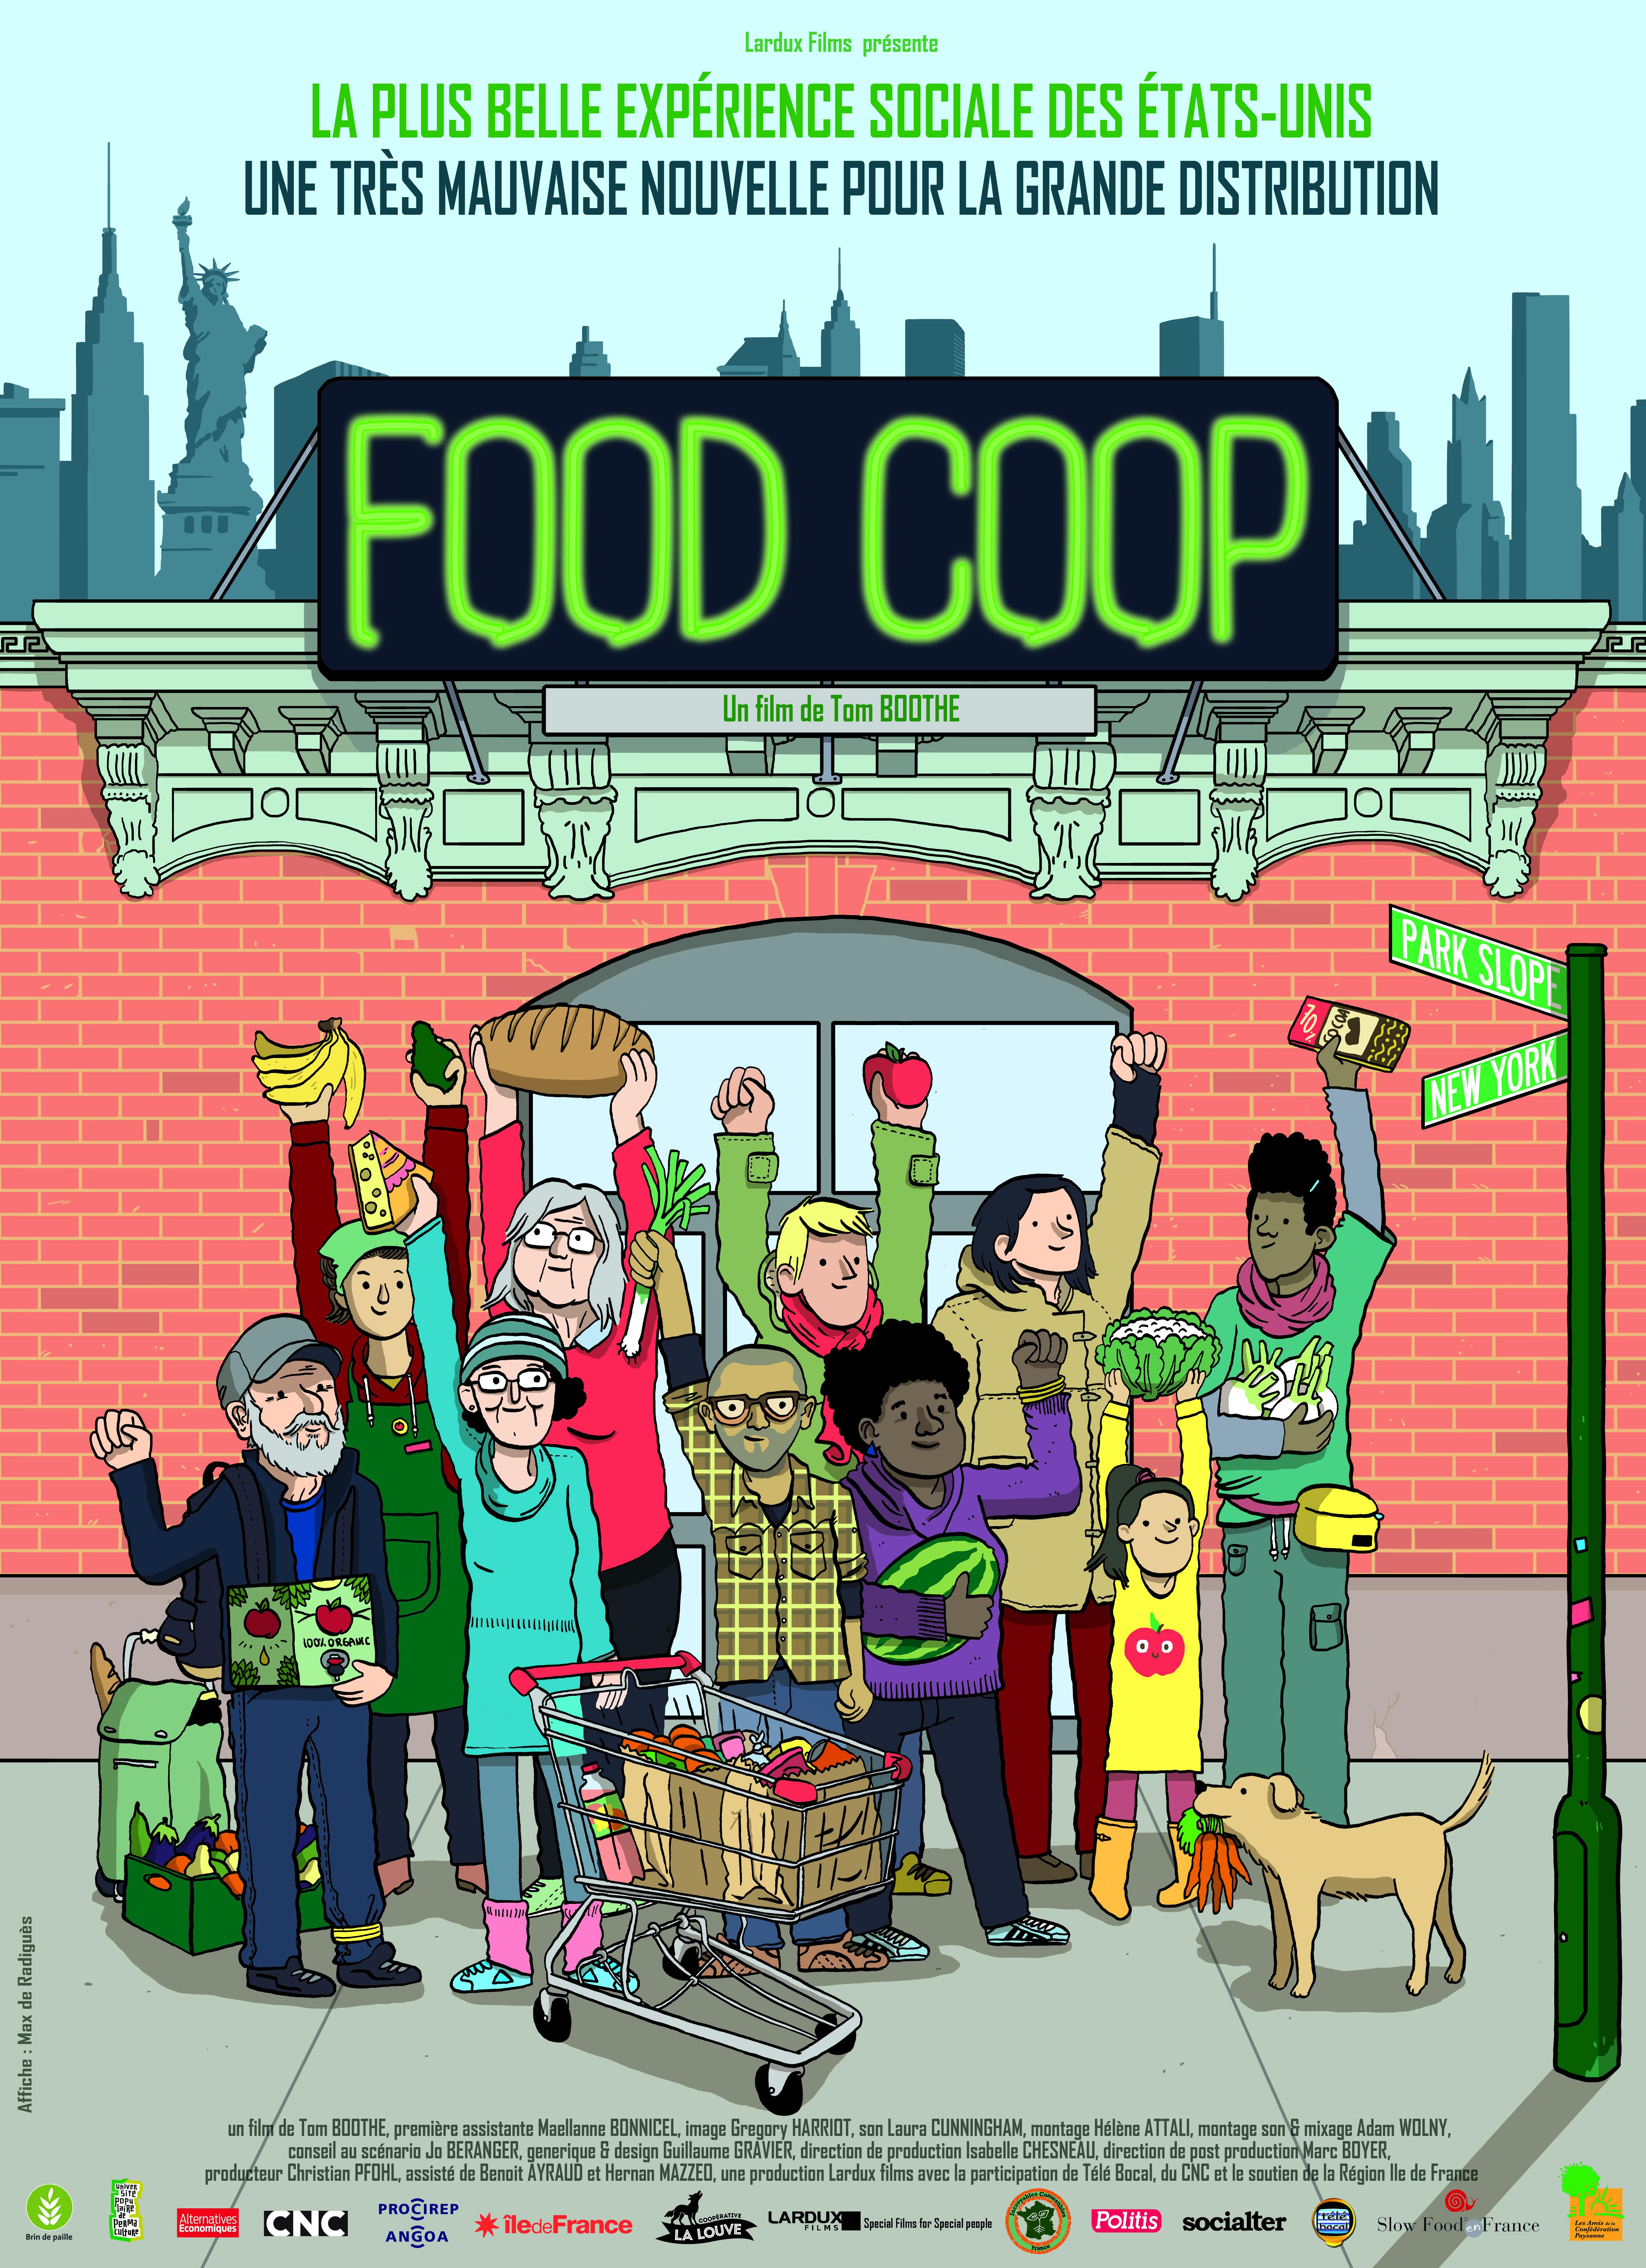 L'affiche du film Food Coop. Crédit foodcooplefilm.com.